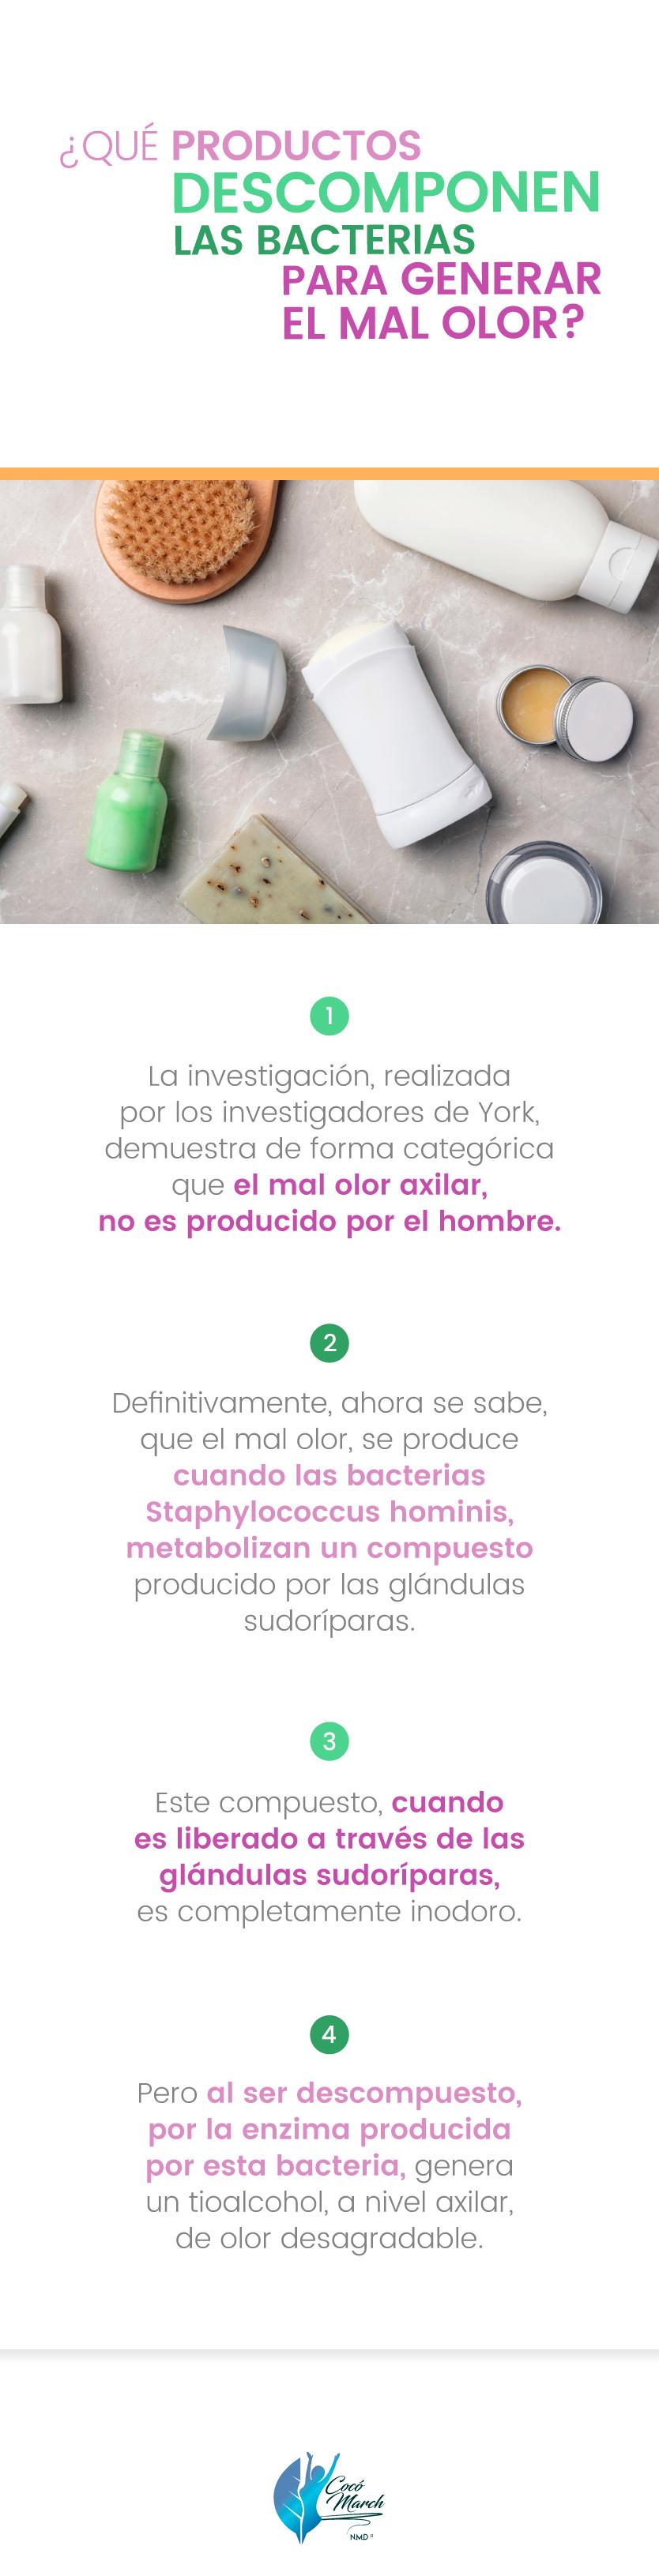 productos-que-descomponen-las-bacterias-para-generar-mal-olor